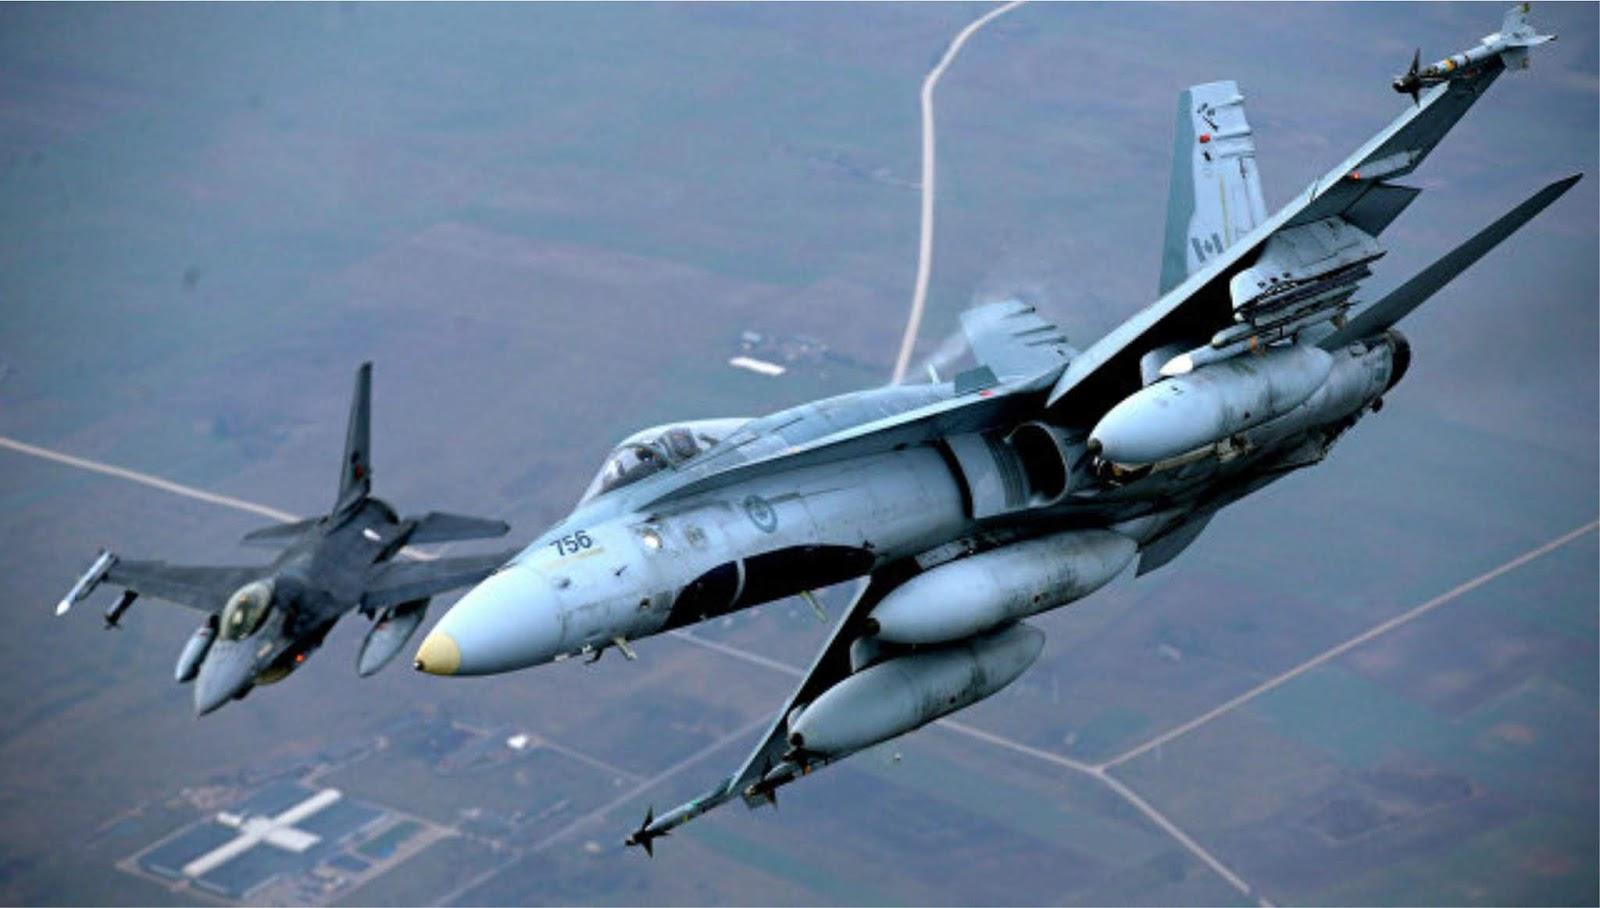 Pangkalan udara NATO di Balkan akan muncul di kota, yang memakai nama Stalin